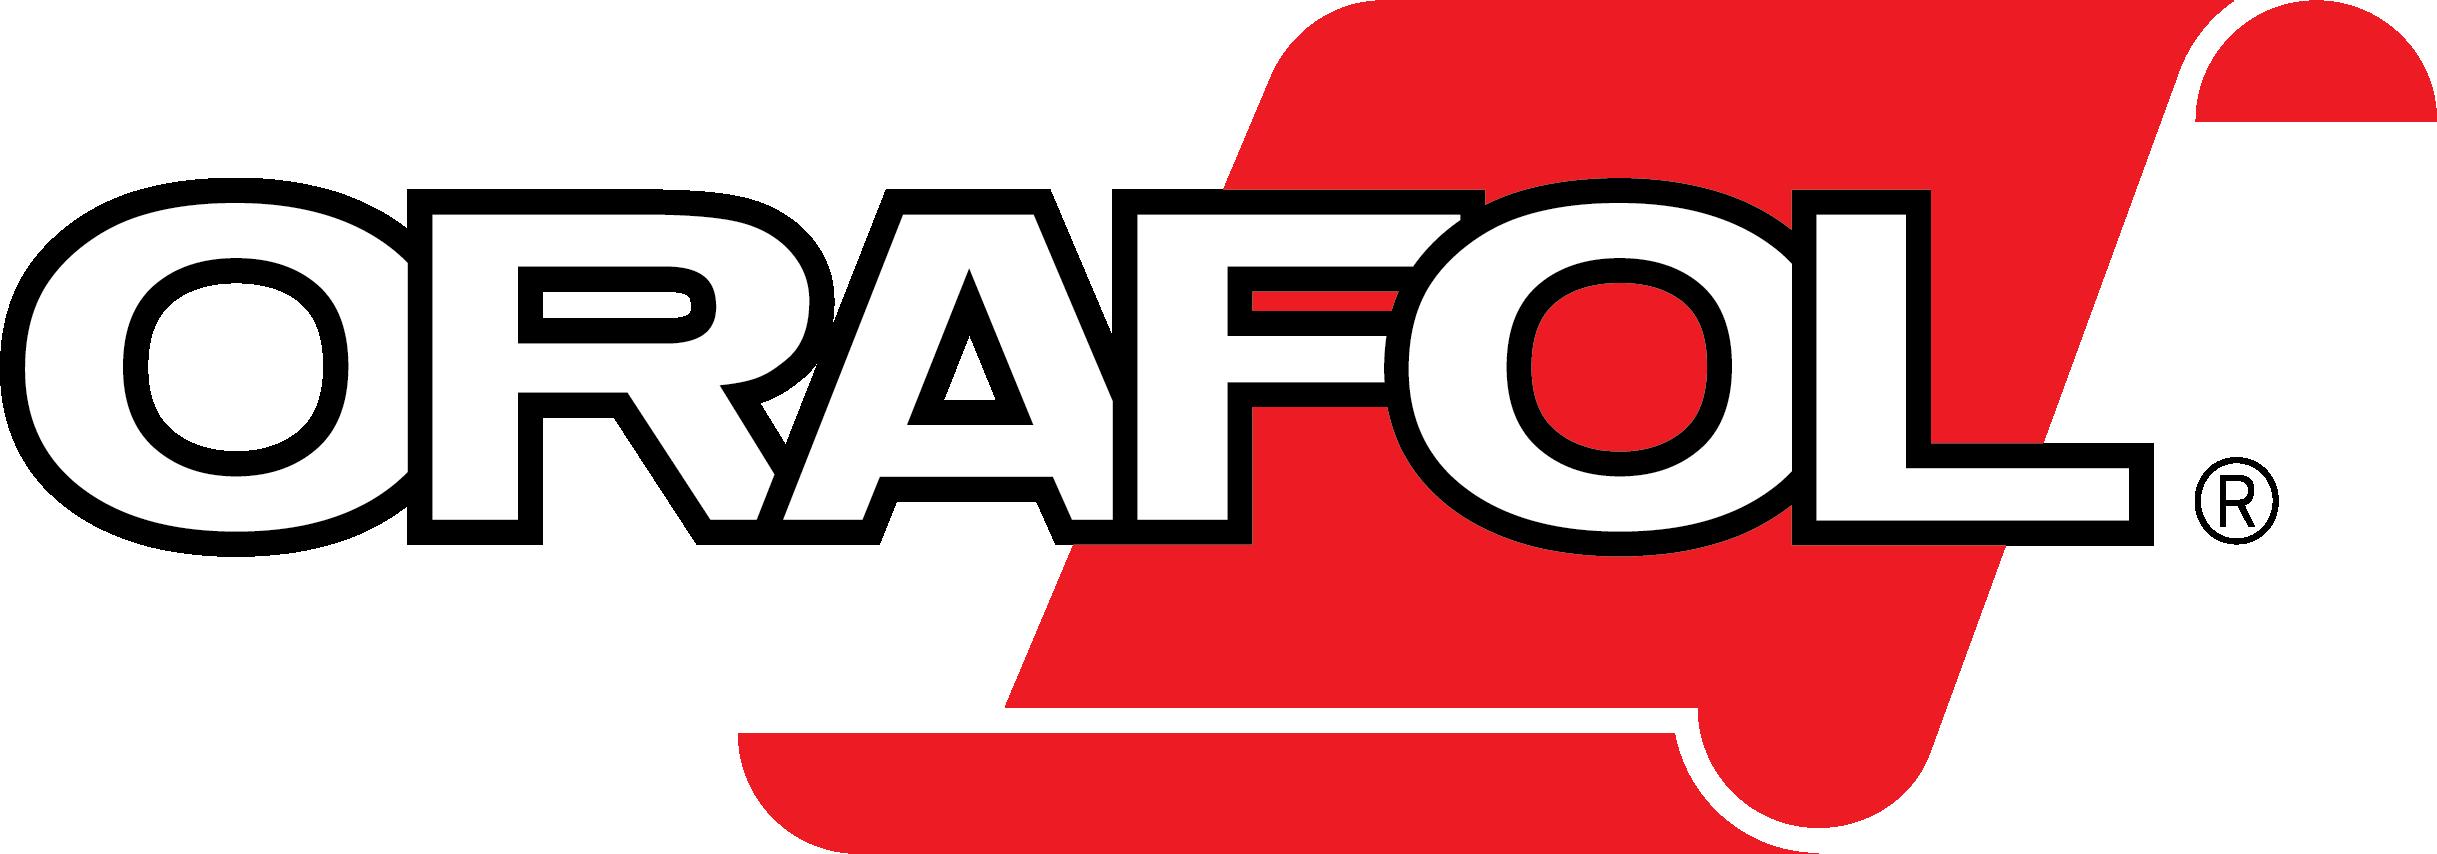 A large Orafol logo